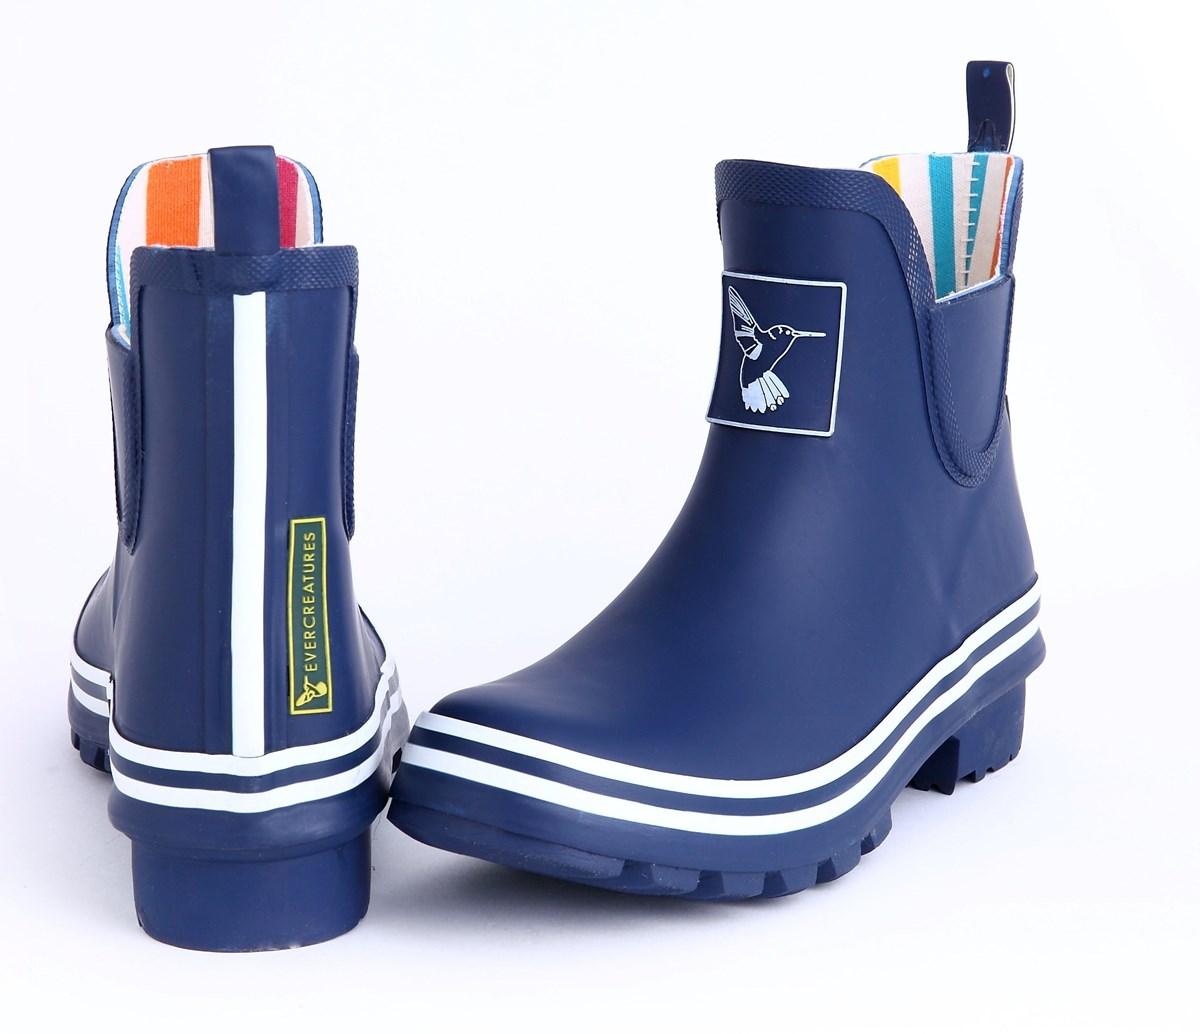 Original Muck Boots Scrub Short Mens Womens Wellies Green Garden Wellingtons Size UK 4-13 | EBay